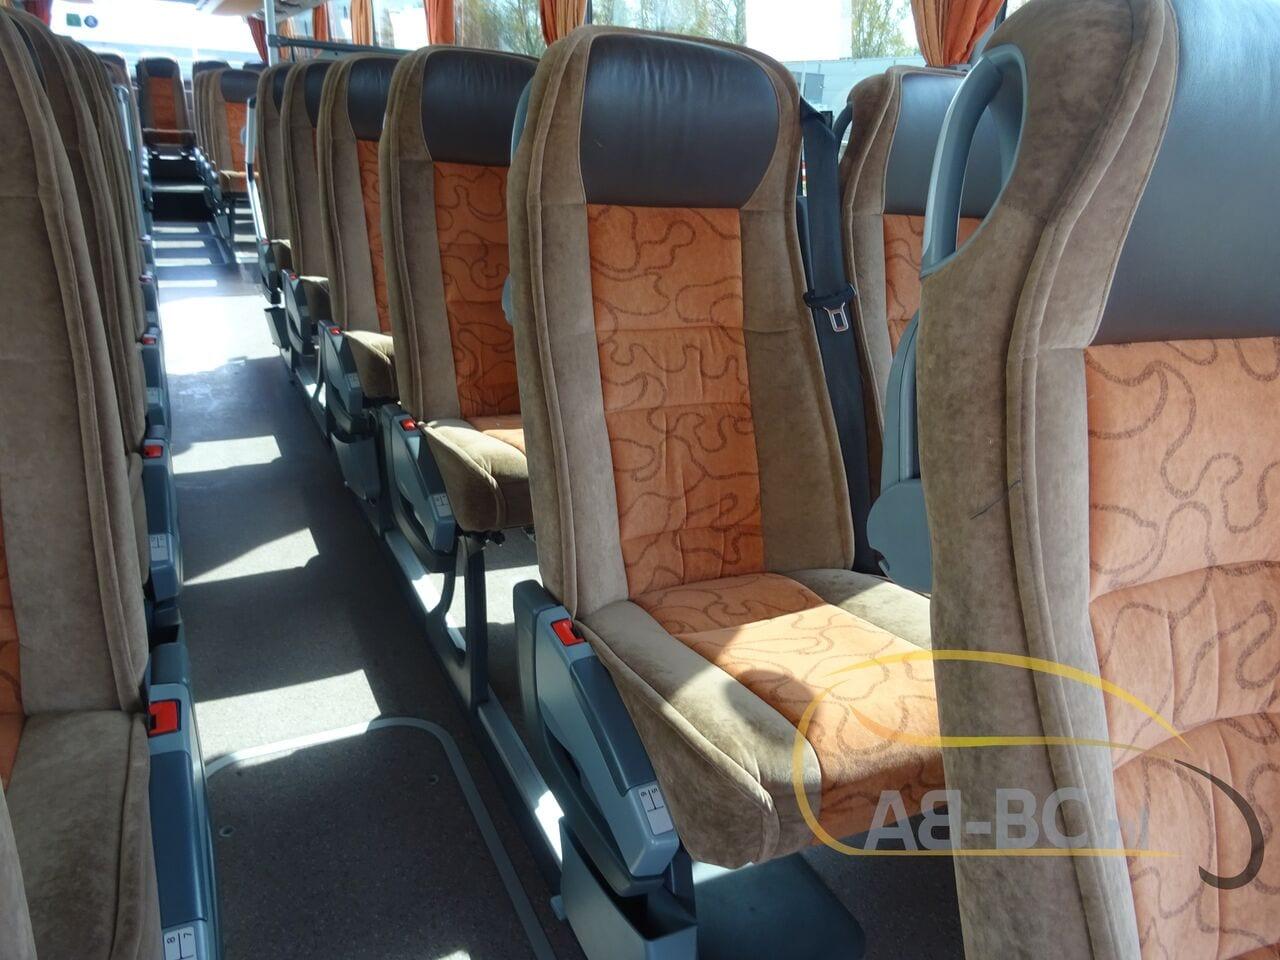 coach-busSETRA-S416H-48-SEATS-LIFTBUS---1620309869950224708_big_b6aab37390fa6fd13059292bef00d0fb--21050616581387095000